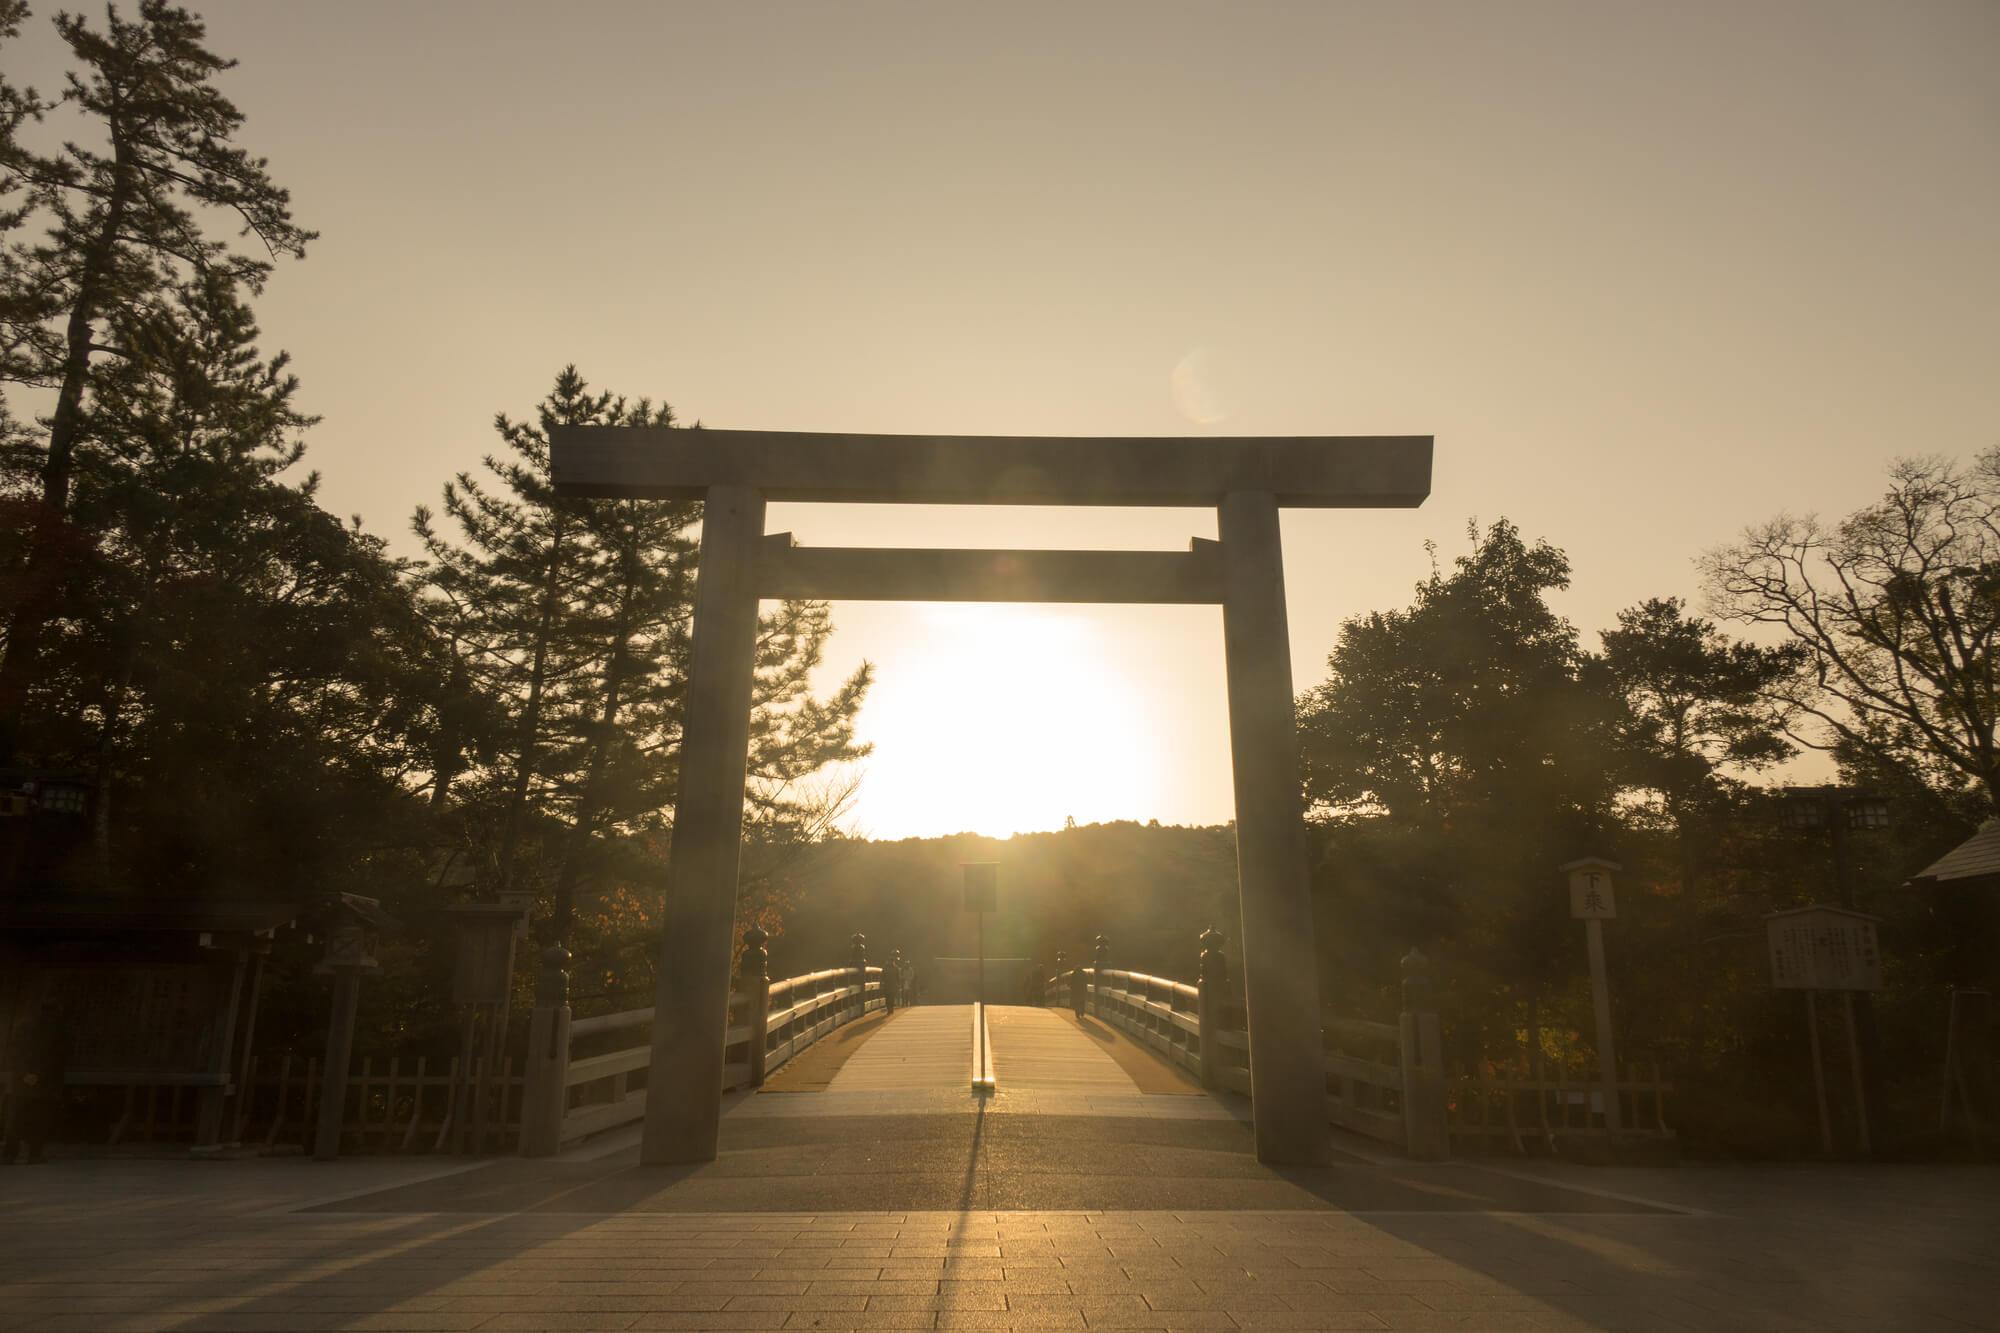 ゆこたびで紹介する伊勢神宮の写真